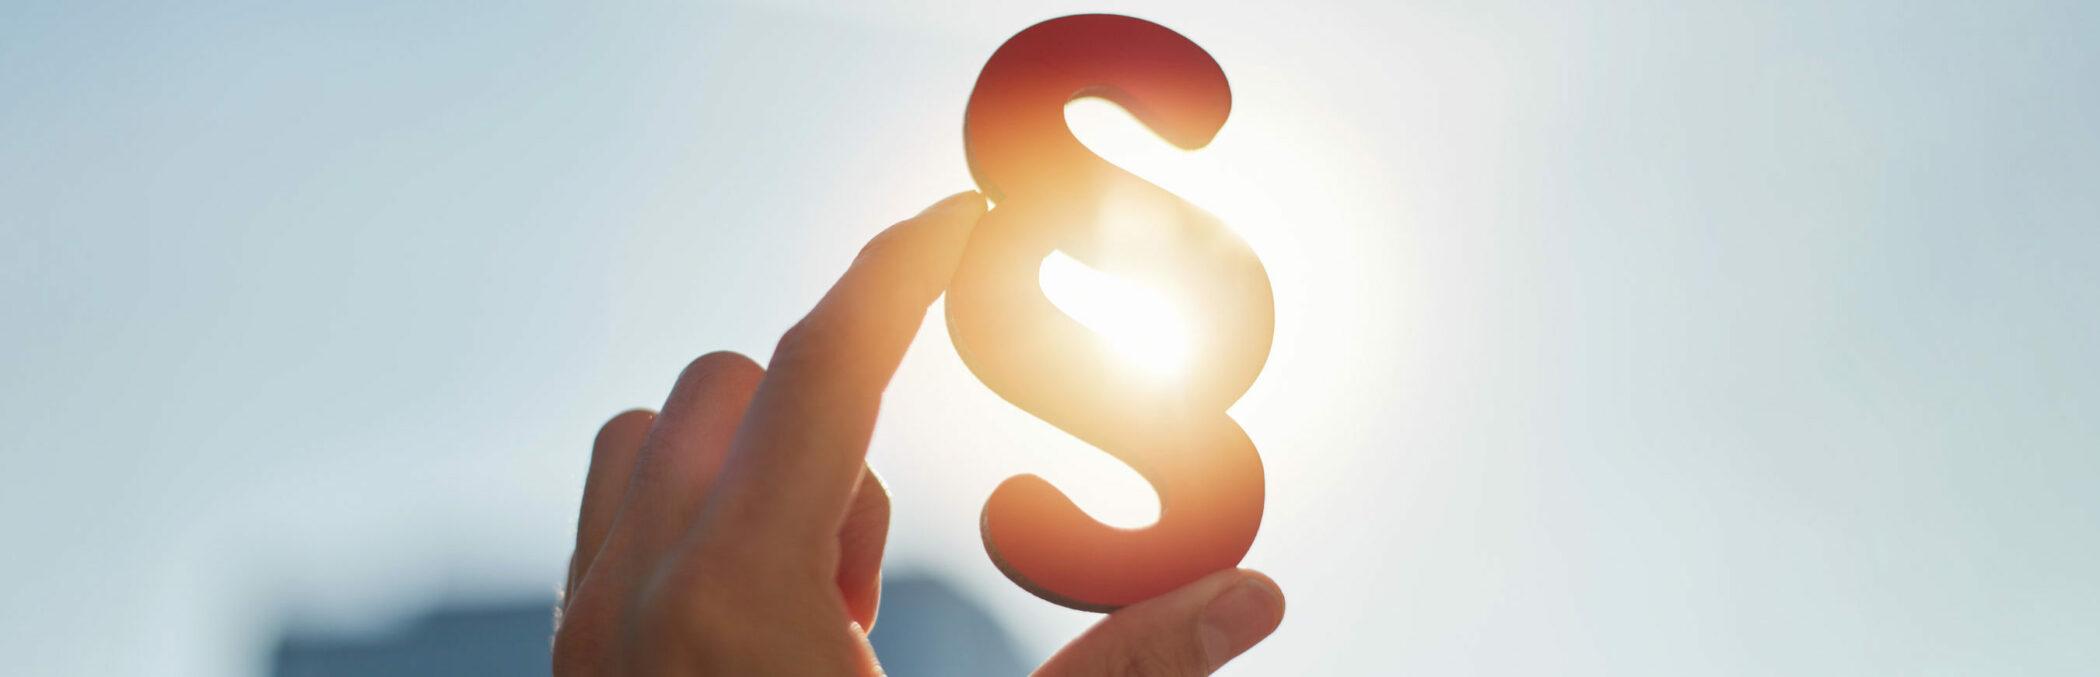 § 2b UStG: Eine Hand hält ein Paragraphenzeichen in die Sonne.